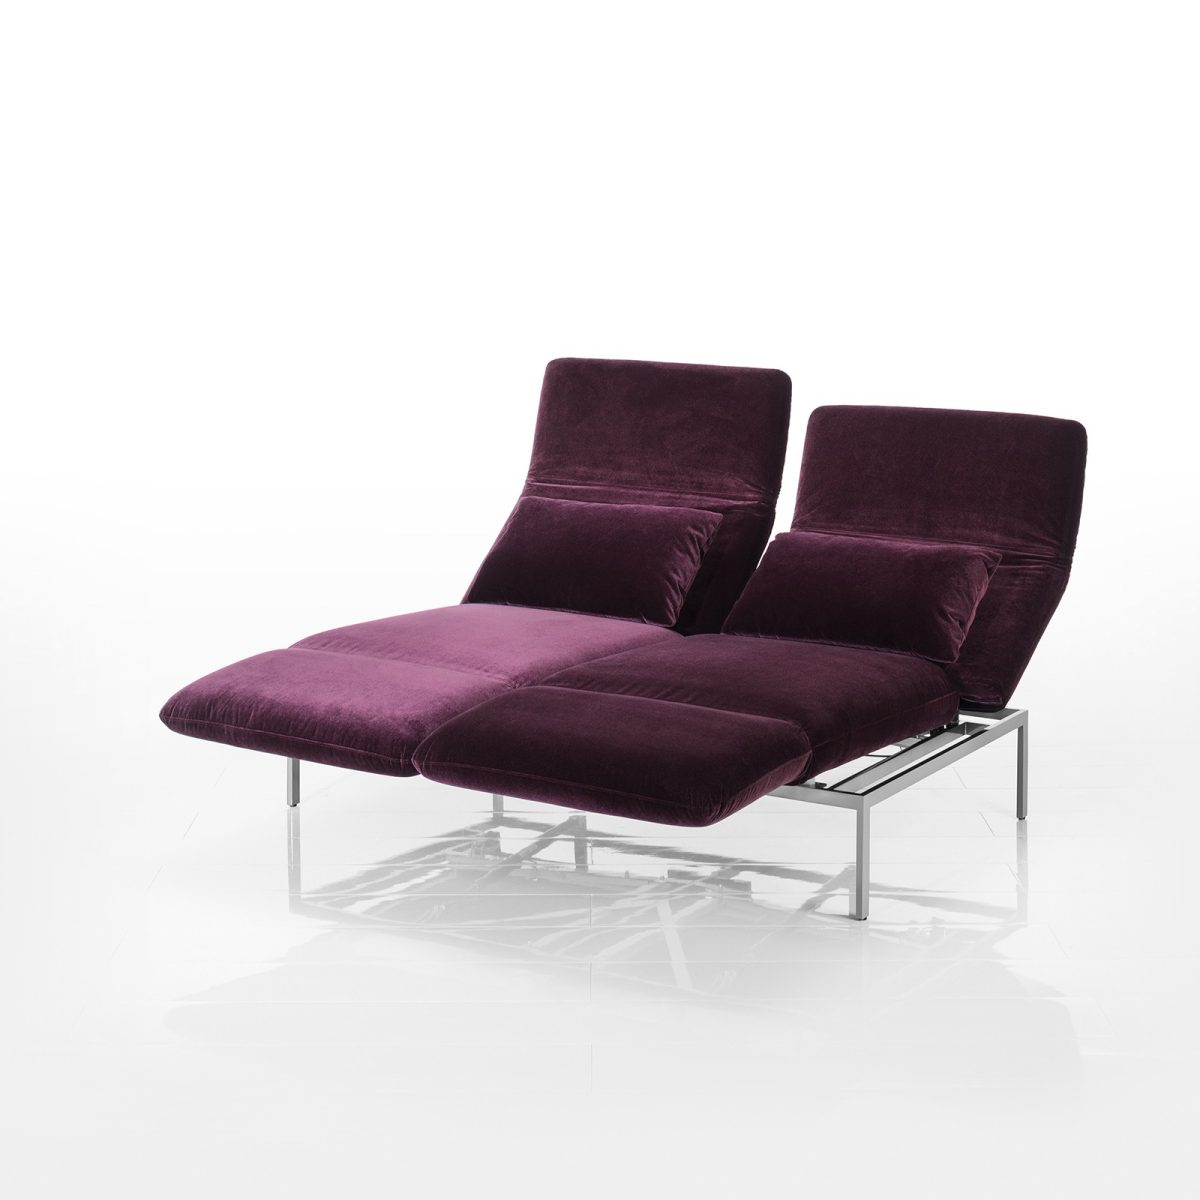 Hier finden Sie das Sofa Roro medium von Brühl. Mit Bewertungen, Produktdaten und der Möglichkeit, es online nach Ihren Wünschen zu konfigurieren.